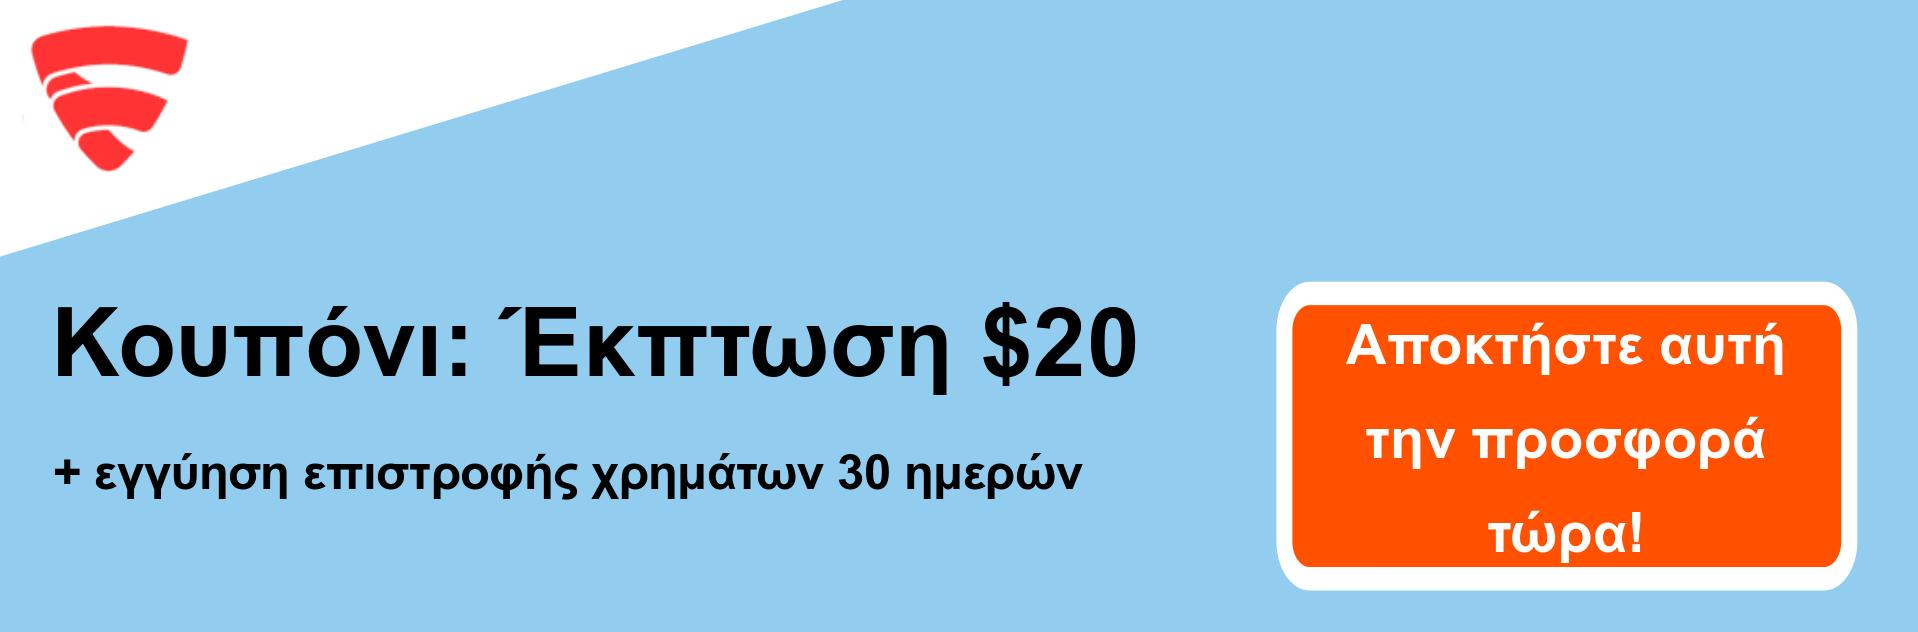 Κουπόνι FSecureFreedome - έκπτωση 20 $